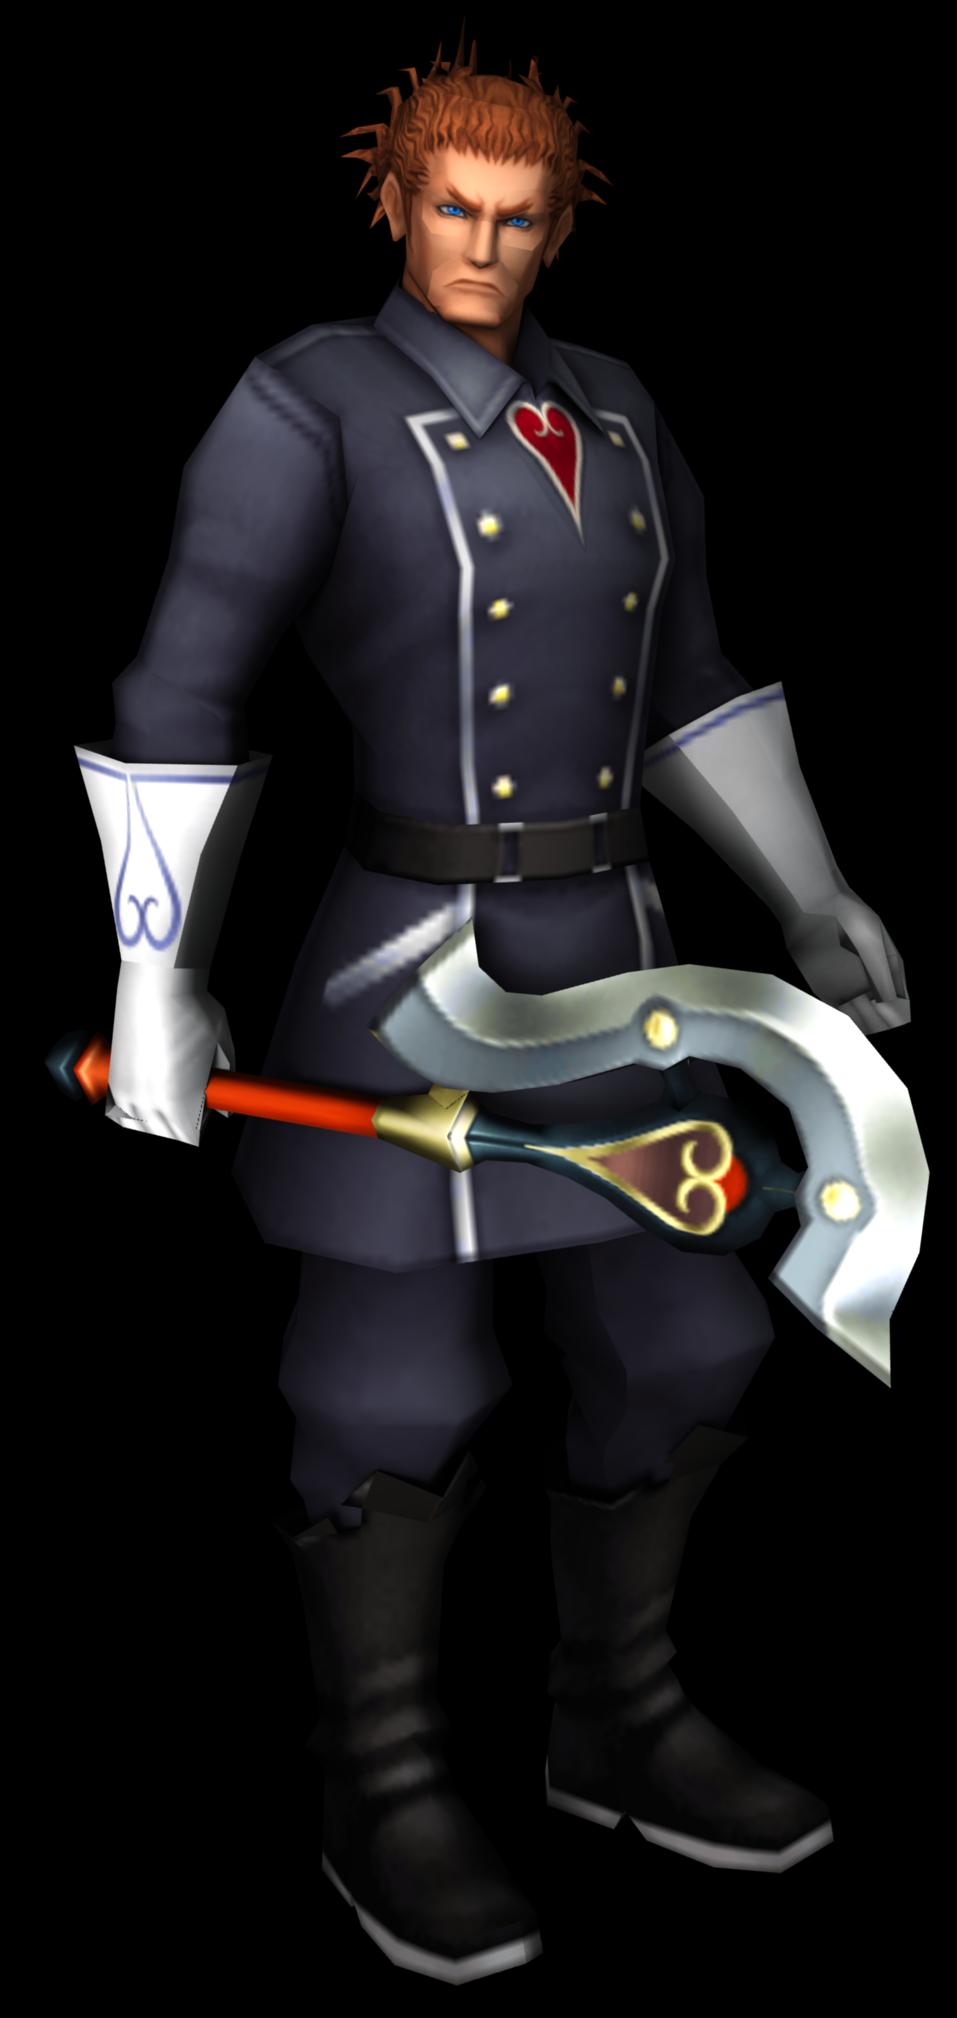 Aeleus | Kingdom hearts Wiki | FANDOM powered by Wikia